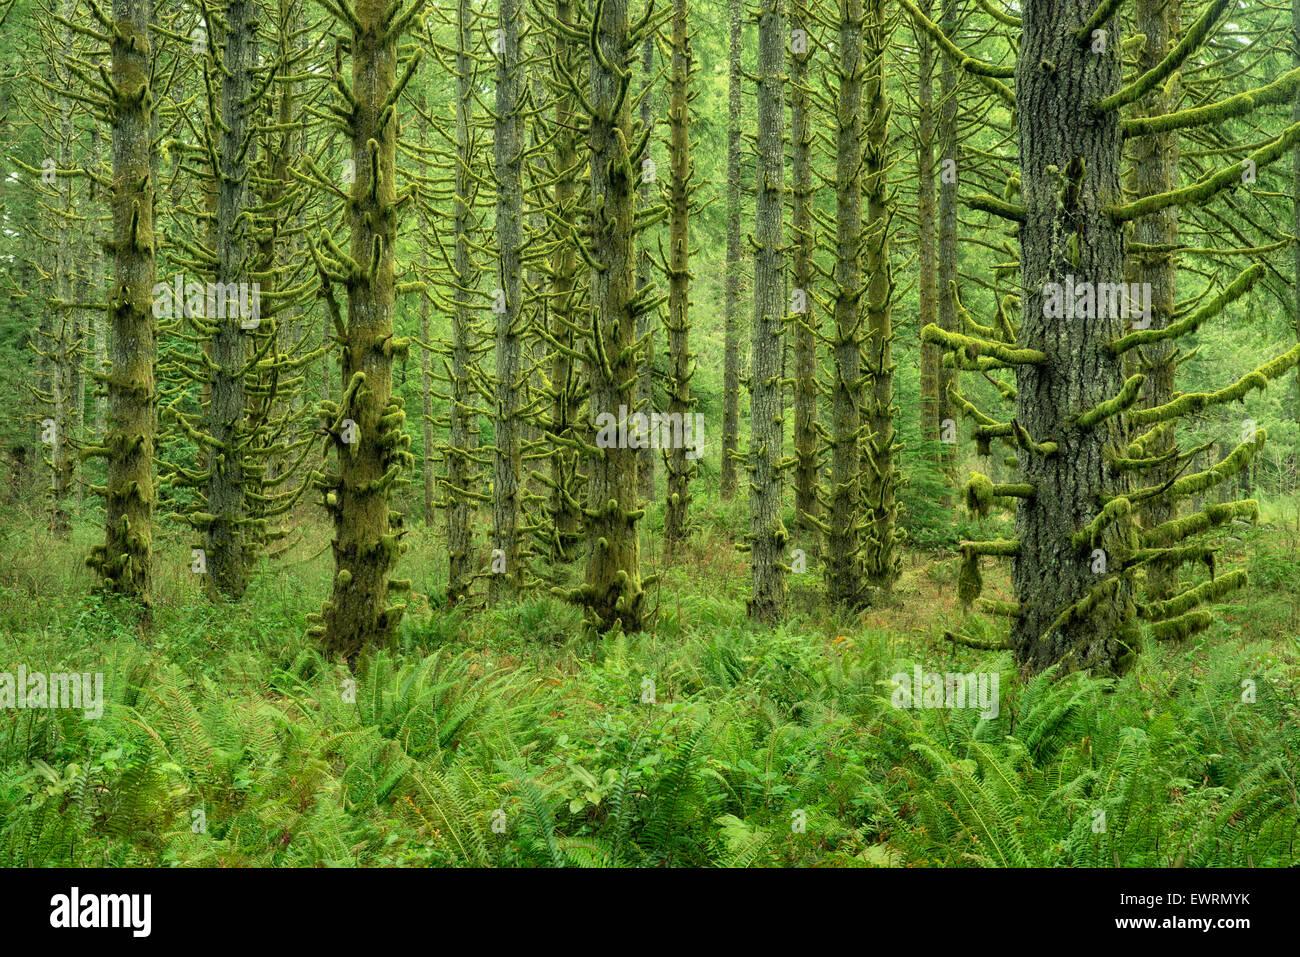 Couvert de mousses et de fougères Page d'épinettes. Silver Falls State Park, New York Photo Stock